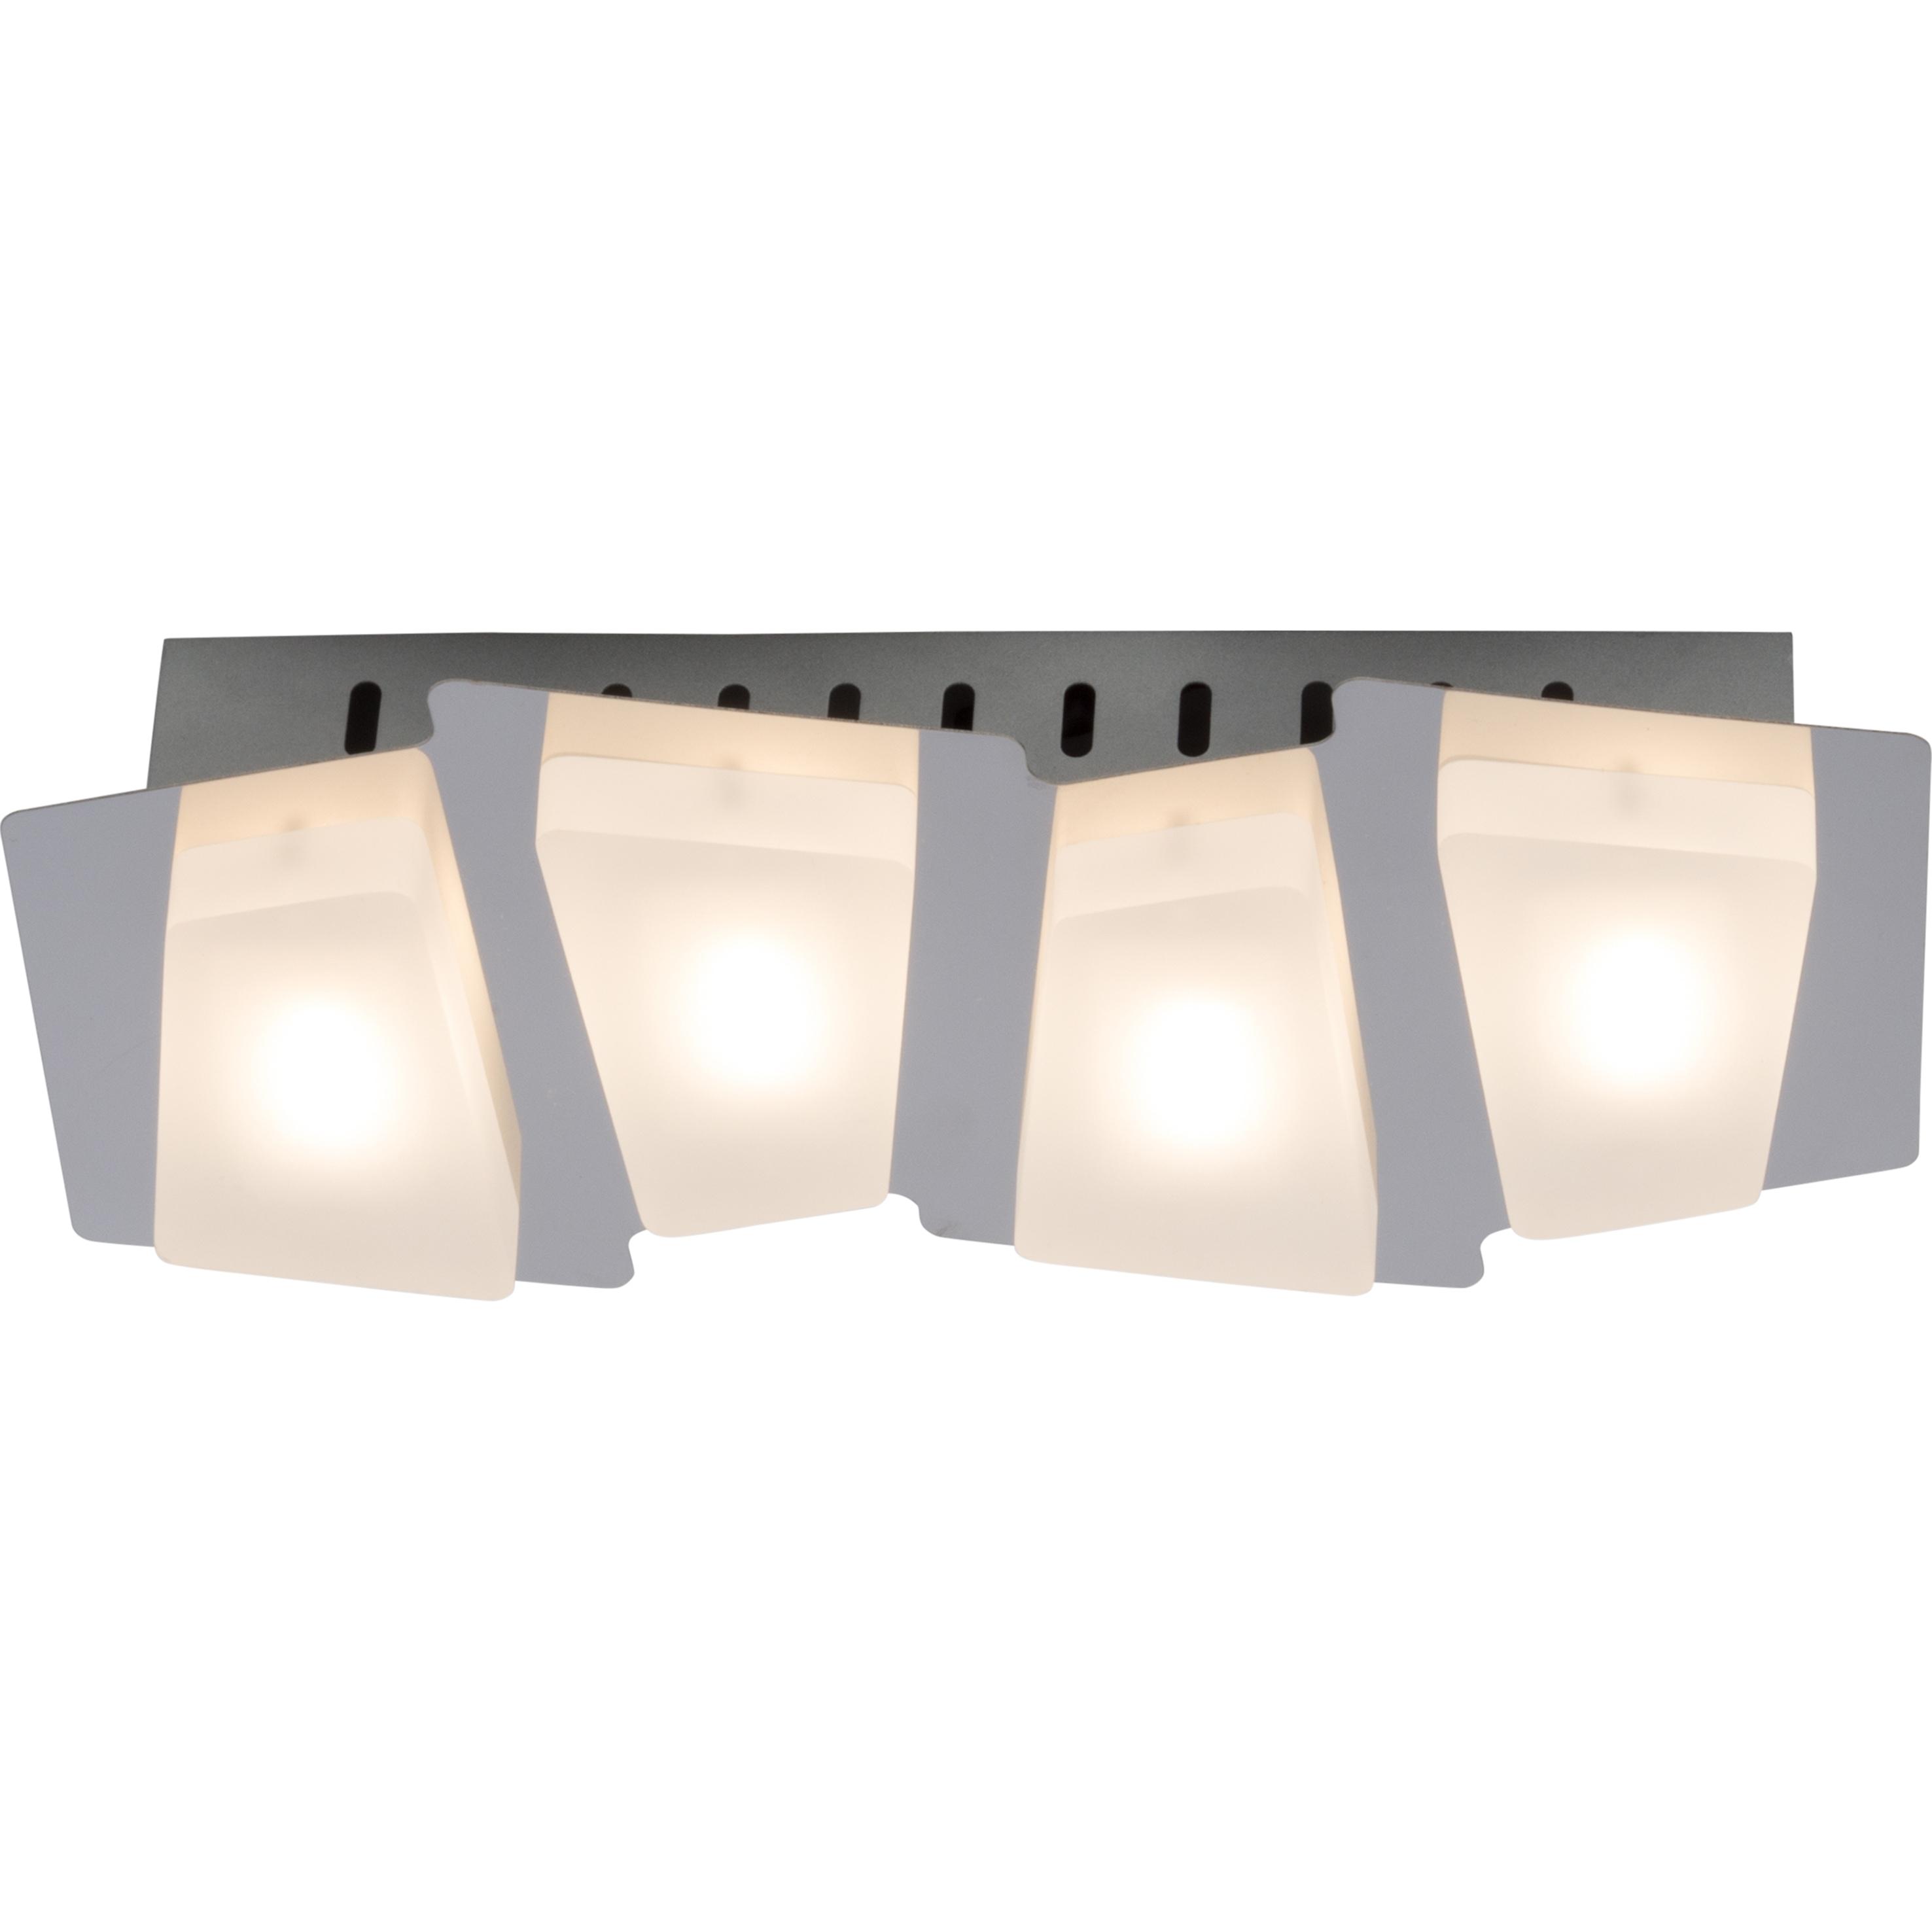 Brilliant Leuchten Block LED Wand- und Deckenleuchte 4flg chrom/weiß